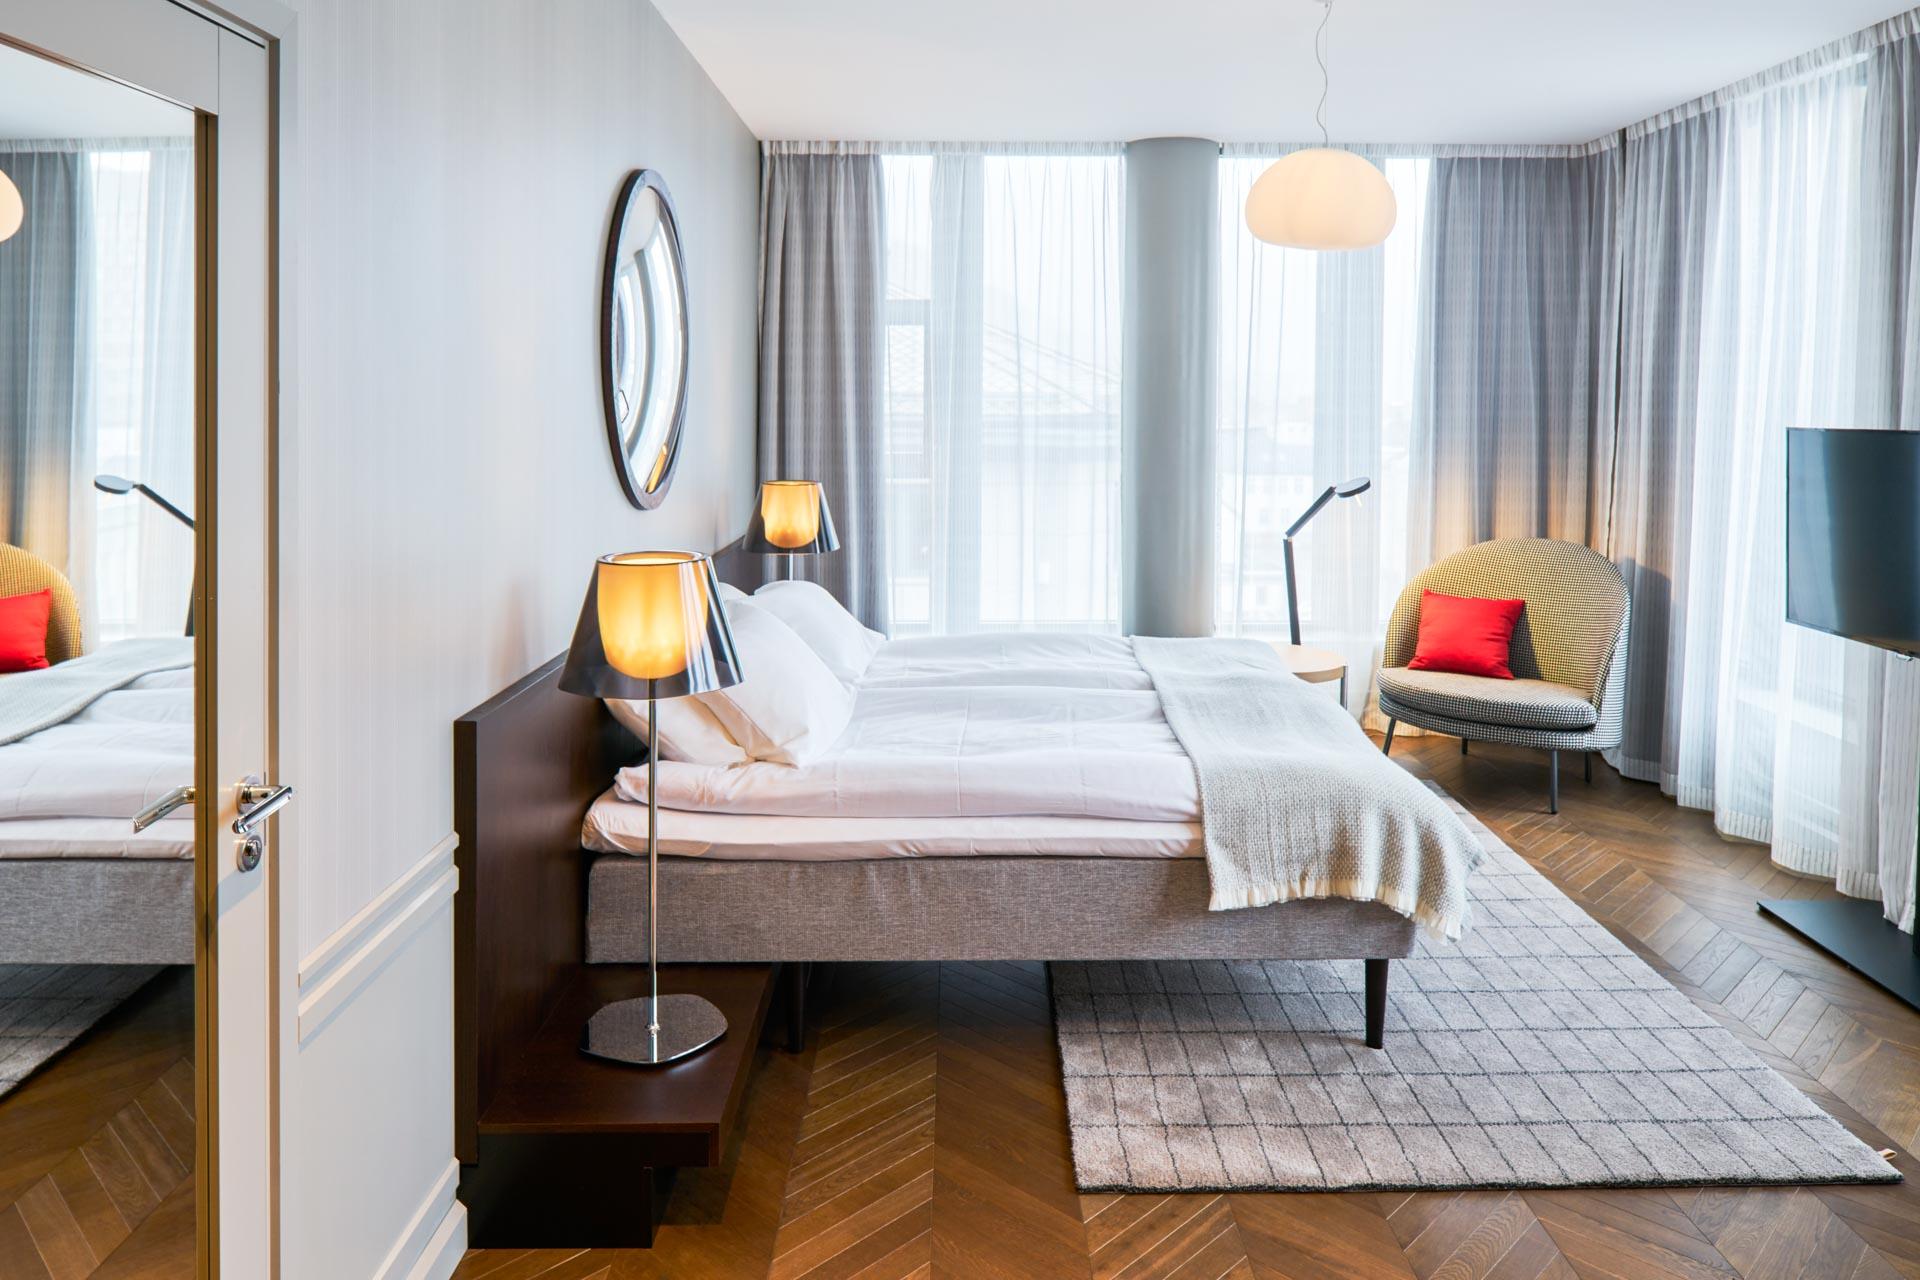 Notre récent séjour en Norvège nous a permis de découvrir les meilleurs hôtels de Bergen, la capitale des fjords. Boutique-hôtels design, adresses de charme ou grand hôtel full service, tour d'horizon des meilleures adresses de la ville.